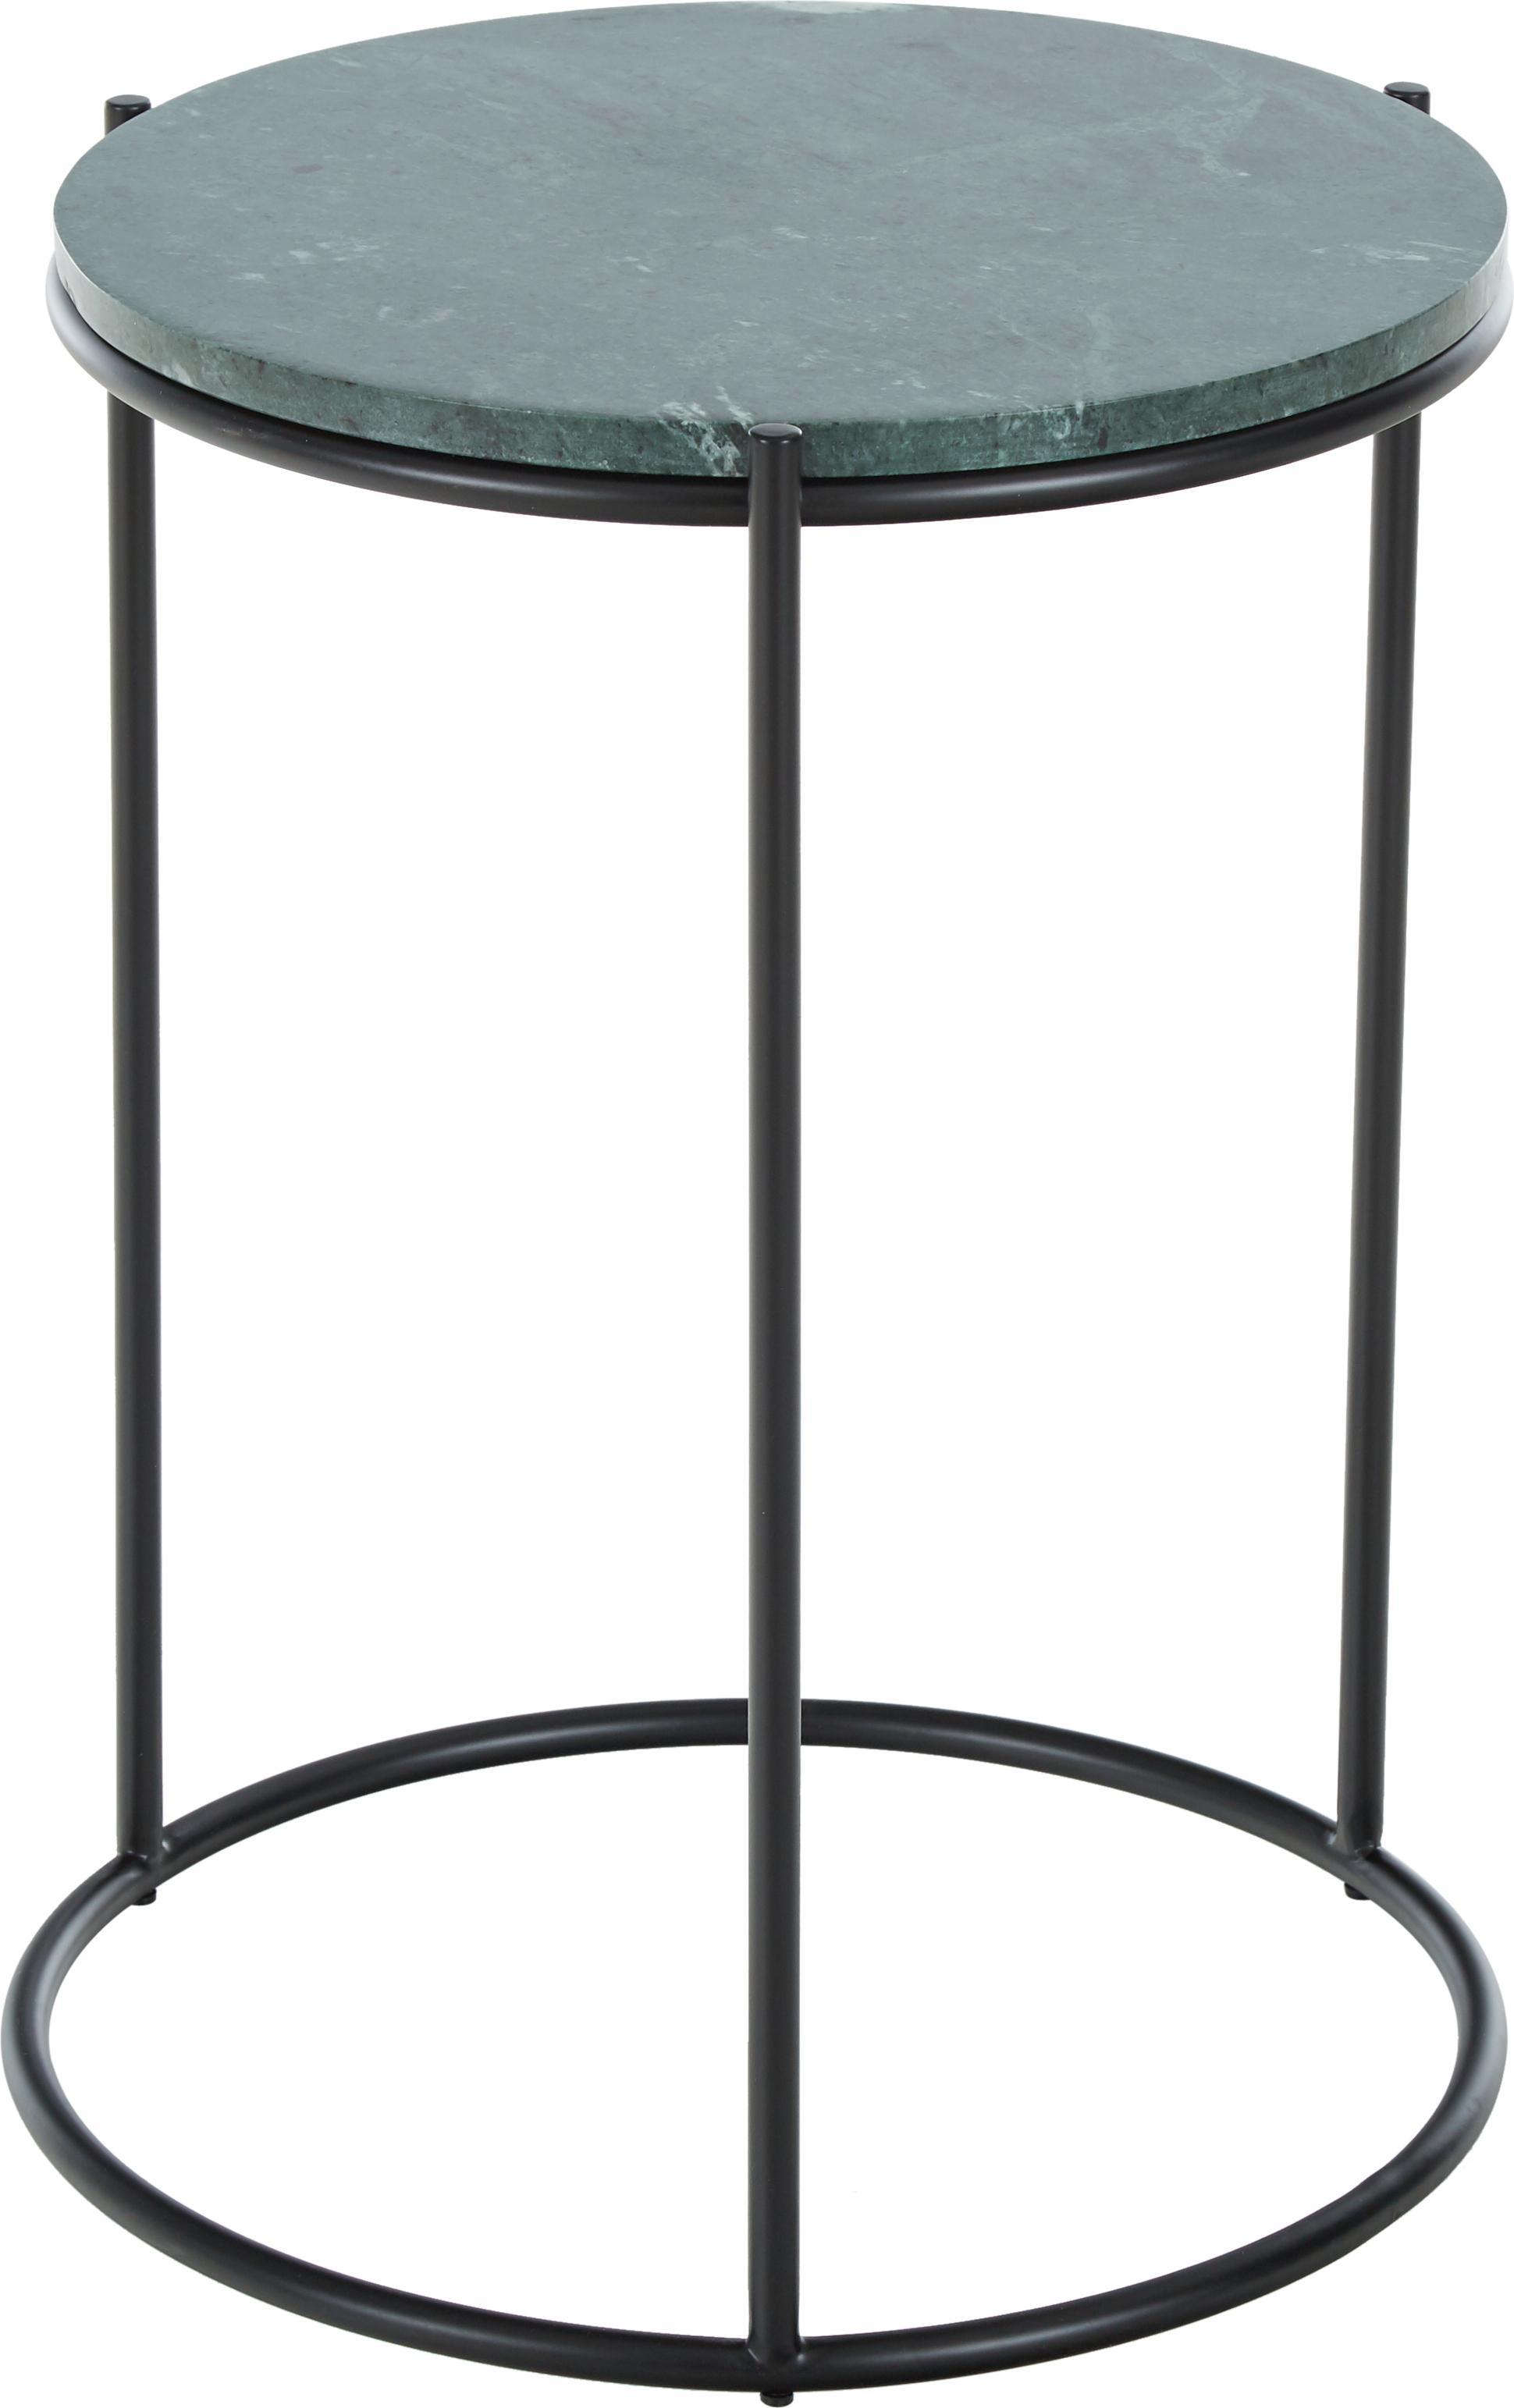 Ronde marmeren bijzettafel Ella, Tafelblad: marmer natuursteen, Frame: gepoedercoat metaal, Tafelblad: groen marmer. Frame: mat zwart, Ø 40 x H 50 cm